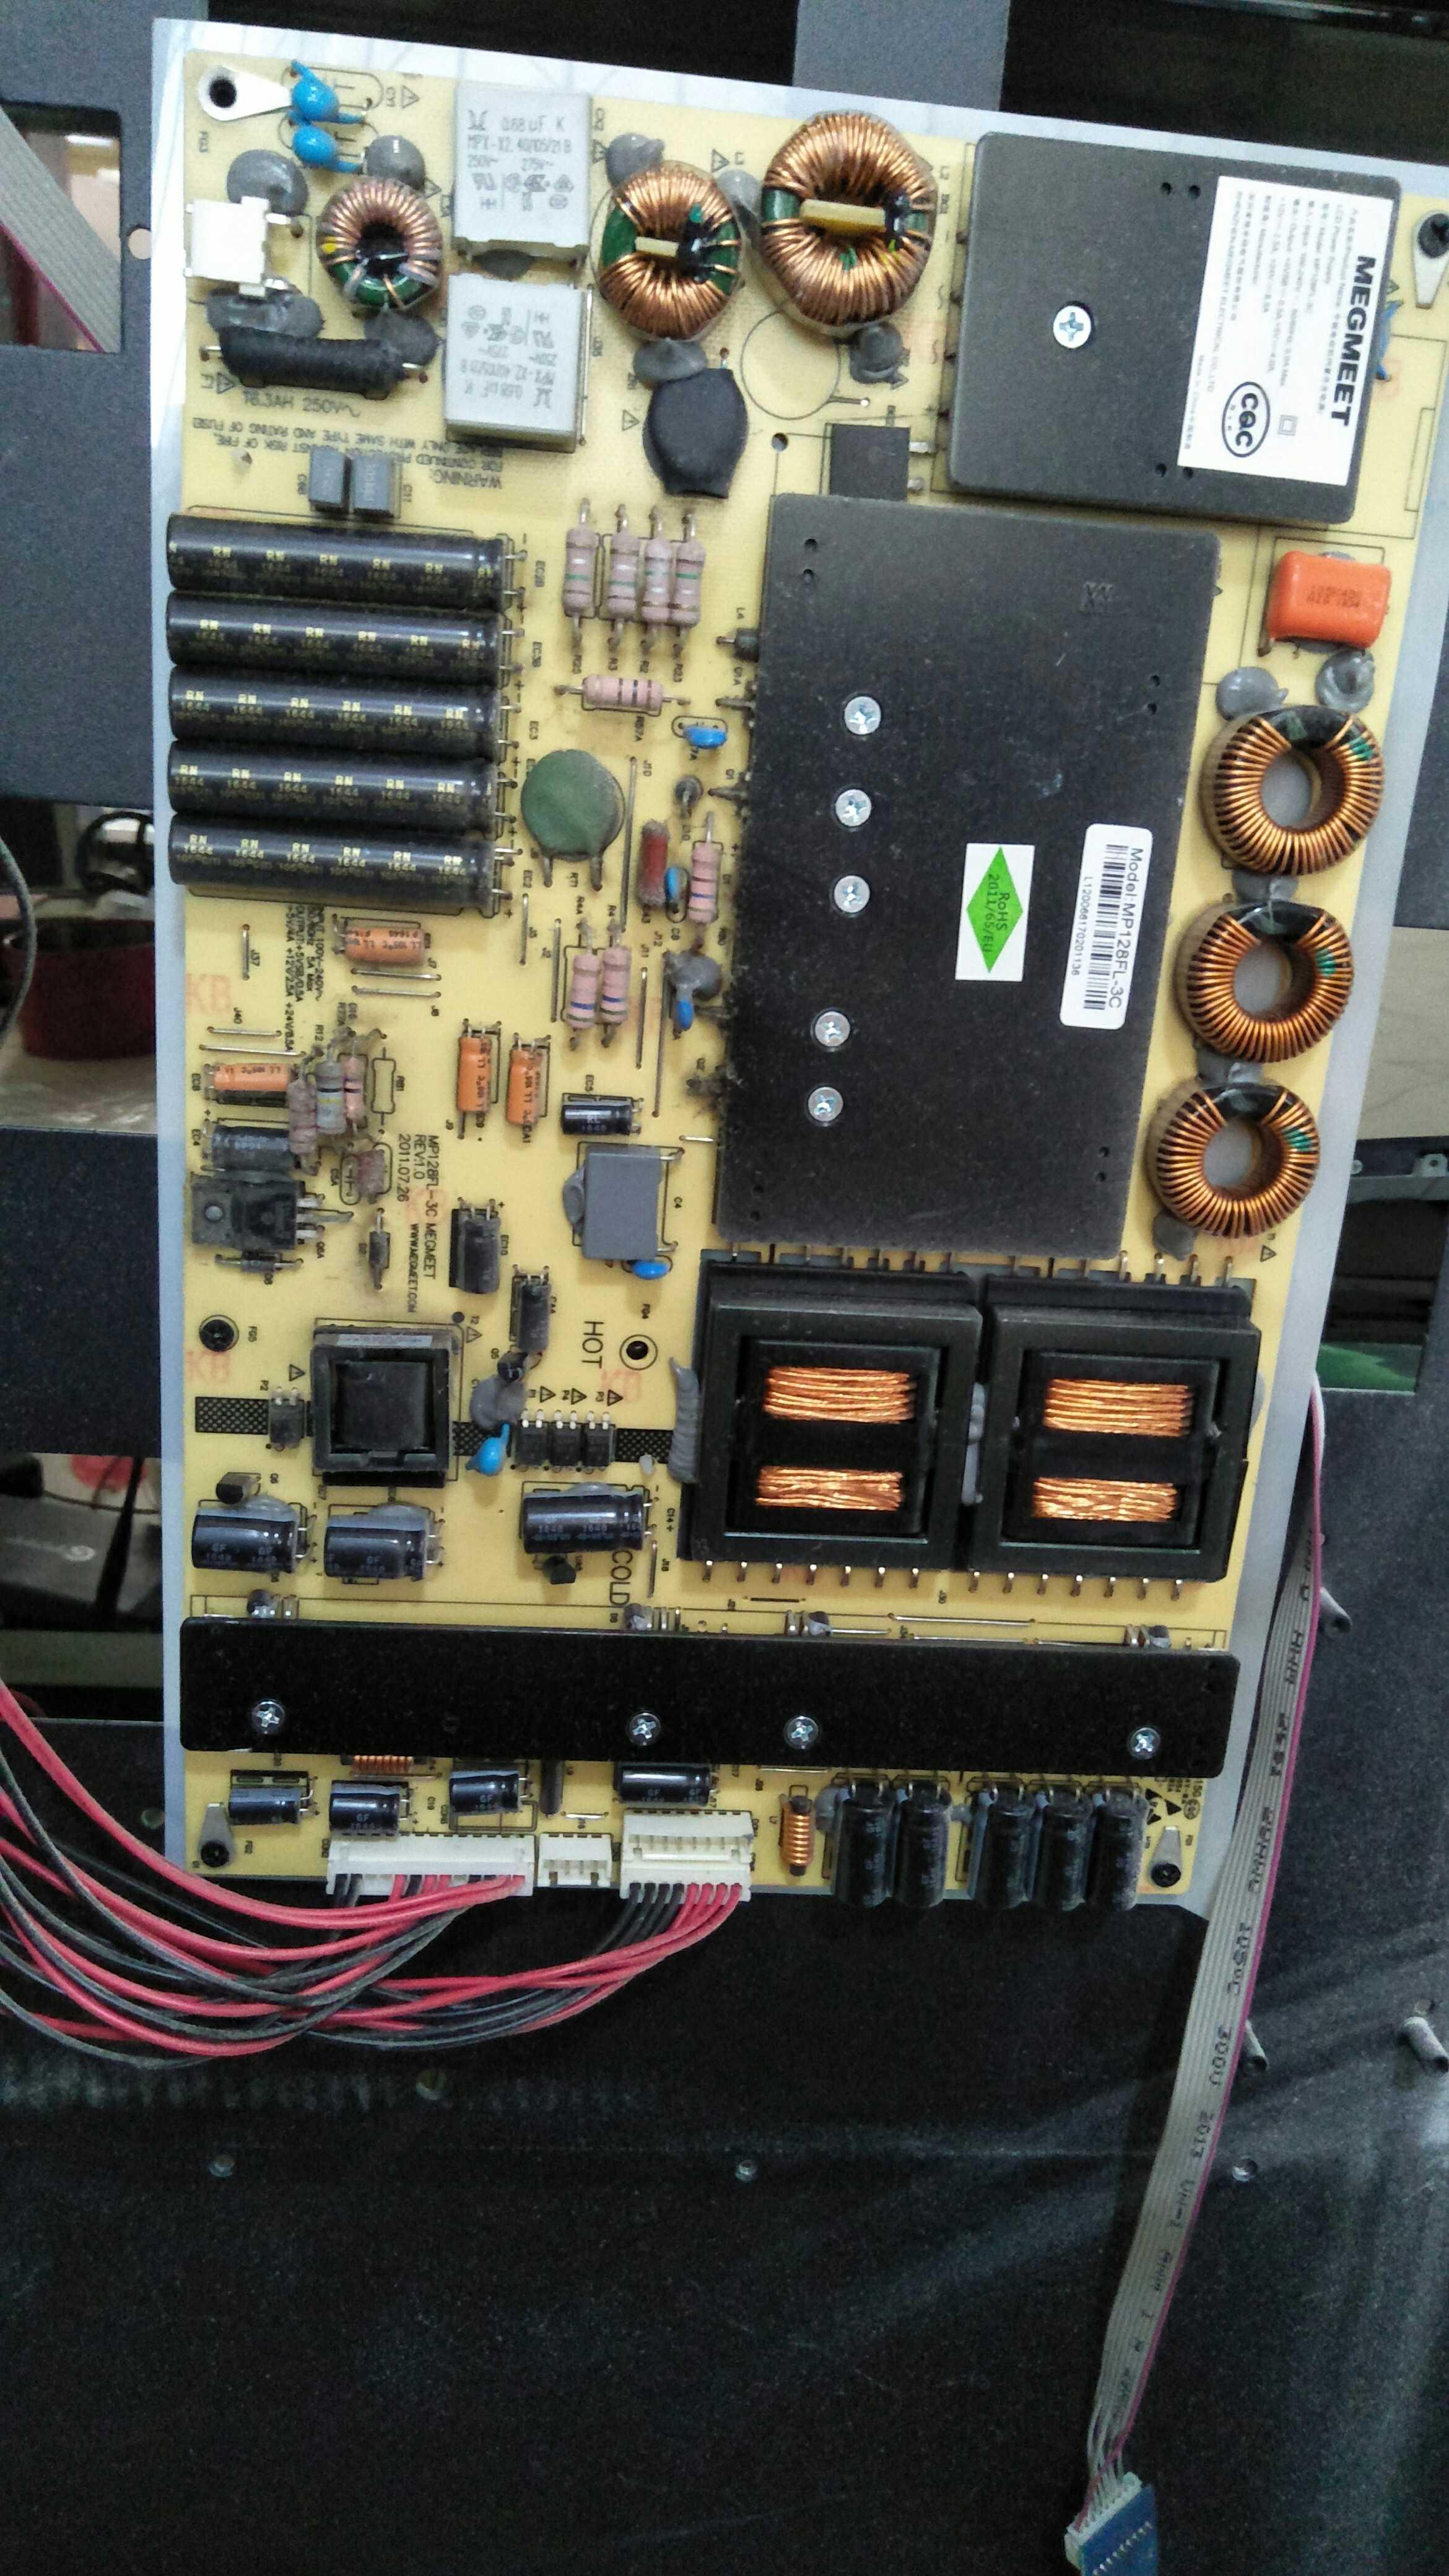 原装畅视液晶监视器CS-M5501电源板MP128FL-3c监视器广告机电源板